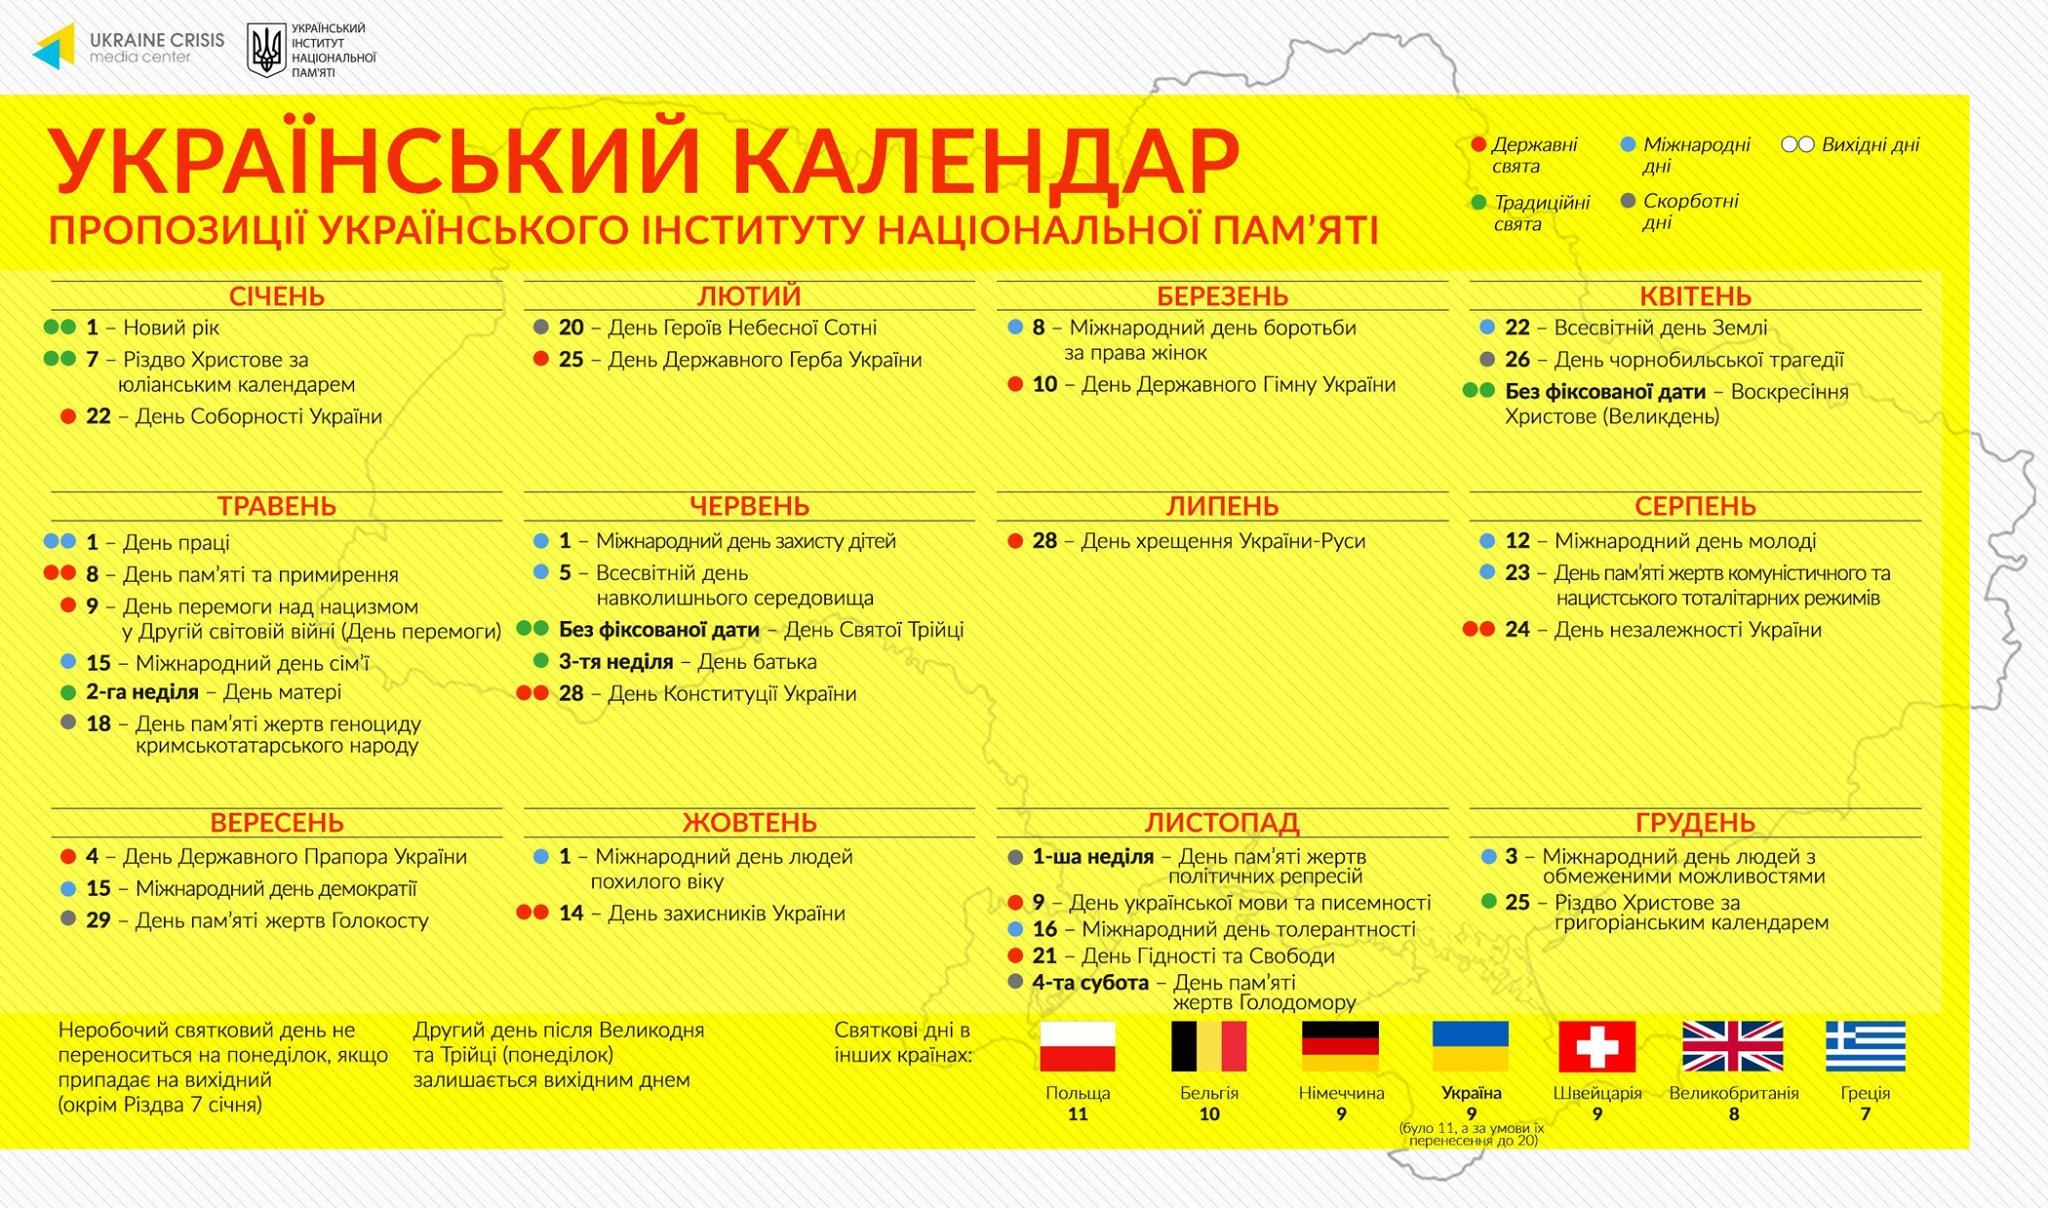 Граждане РФ будут наименее отдыхать напервомайские праздники